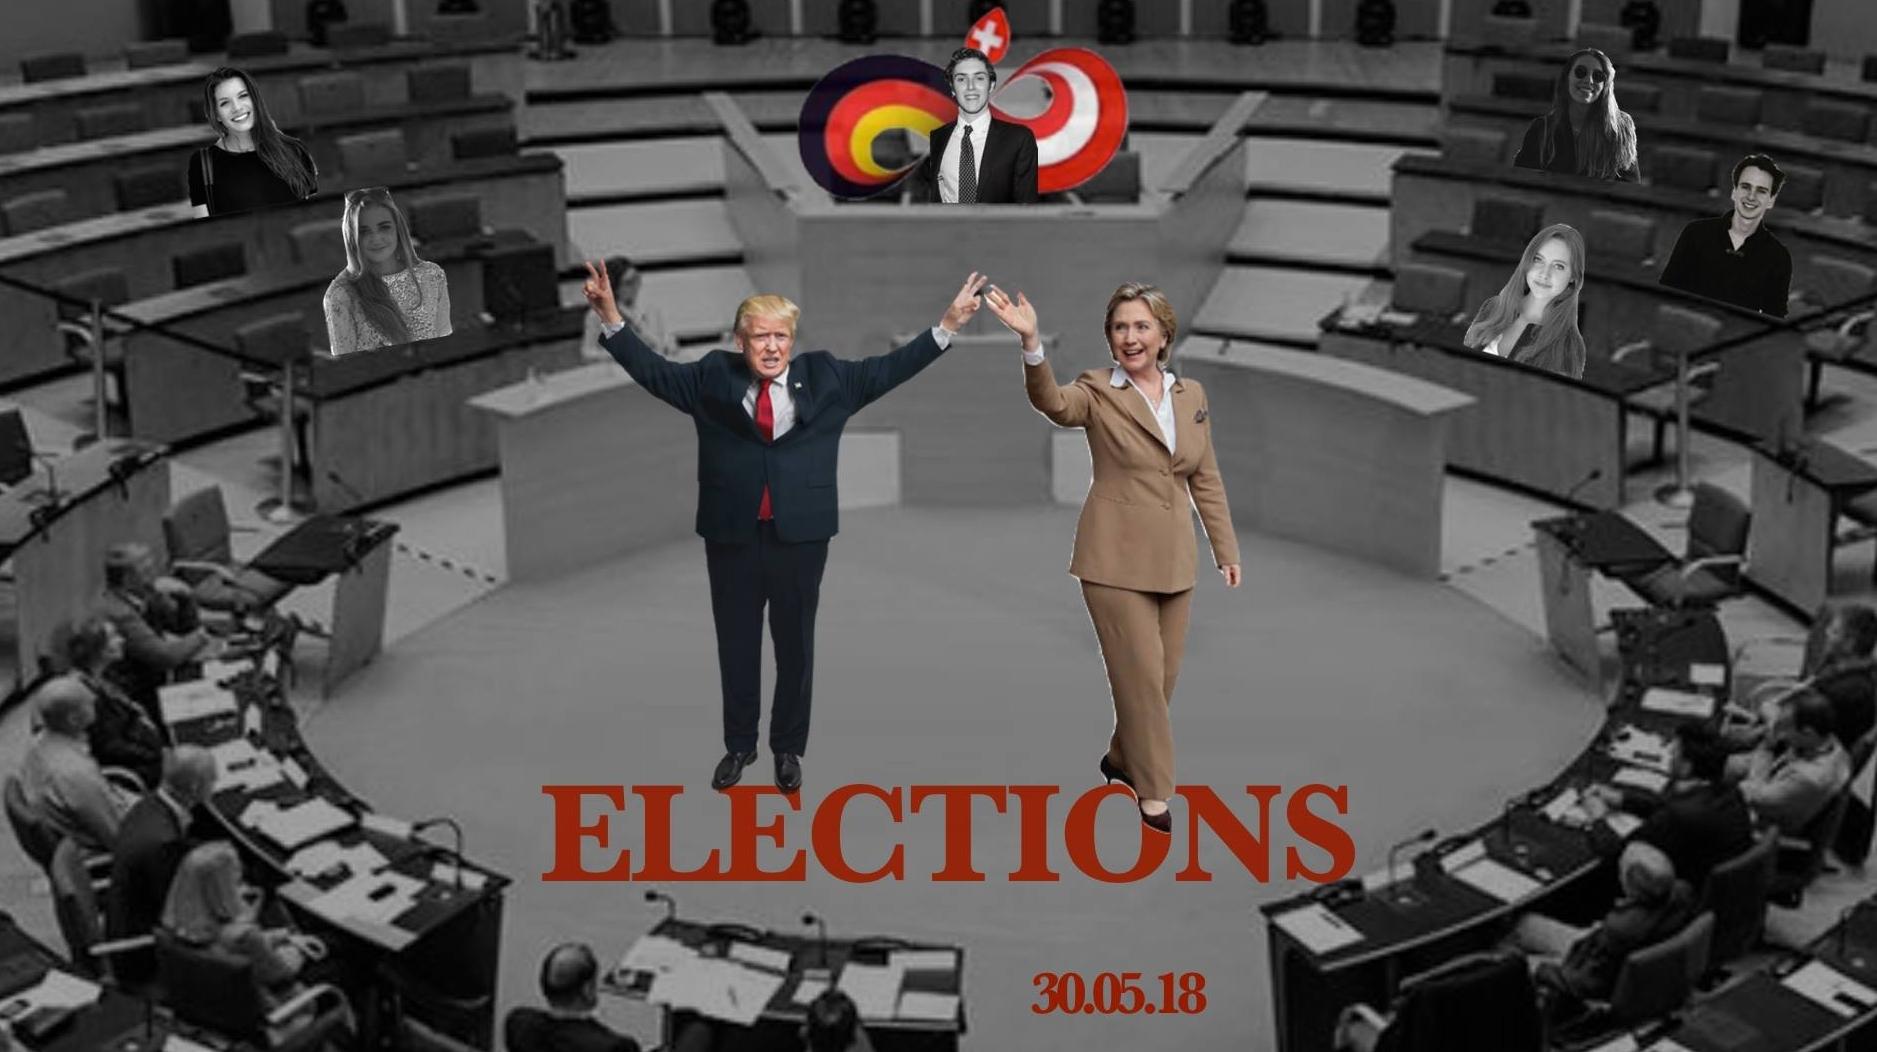 ELECTION NIGHT 30.05.18 - MOIN MOIN, es ist so weit.. eine Ära geht zu Ende und nun ist es Zeit eine neue Generation unsere geliebte Society führen zu lassen…